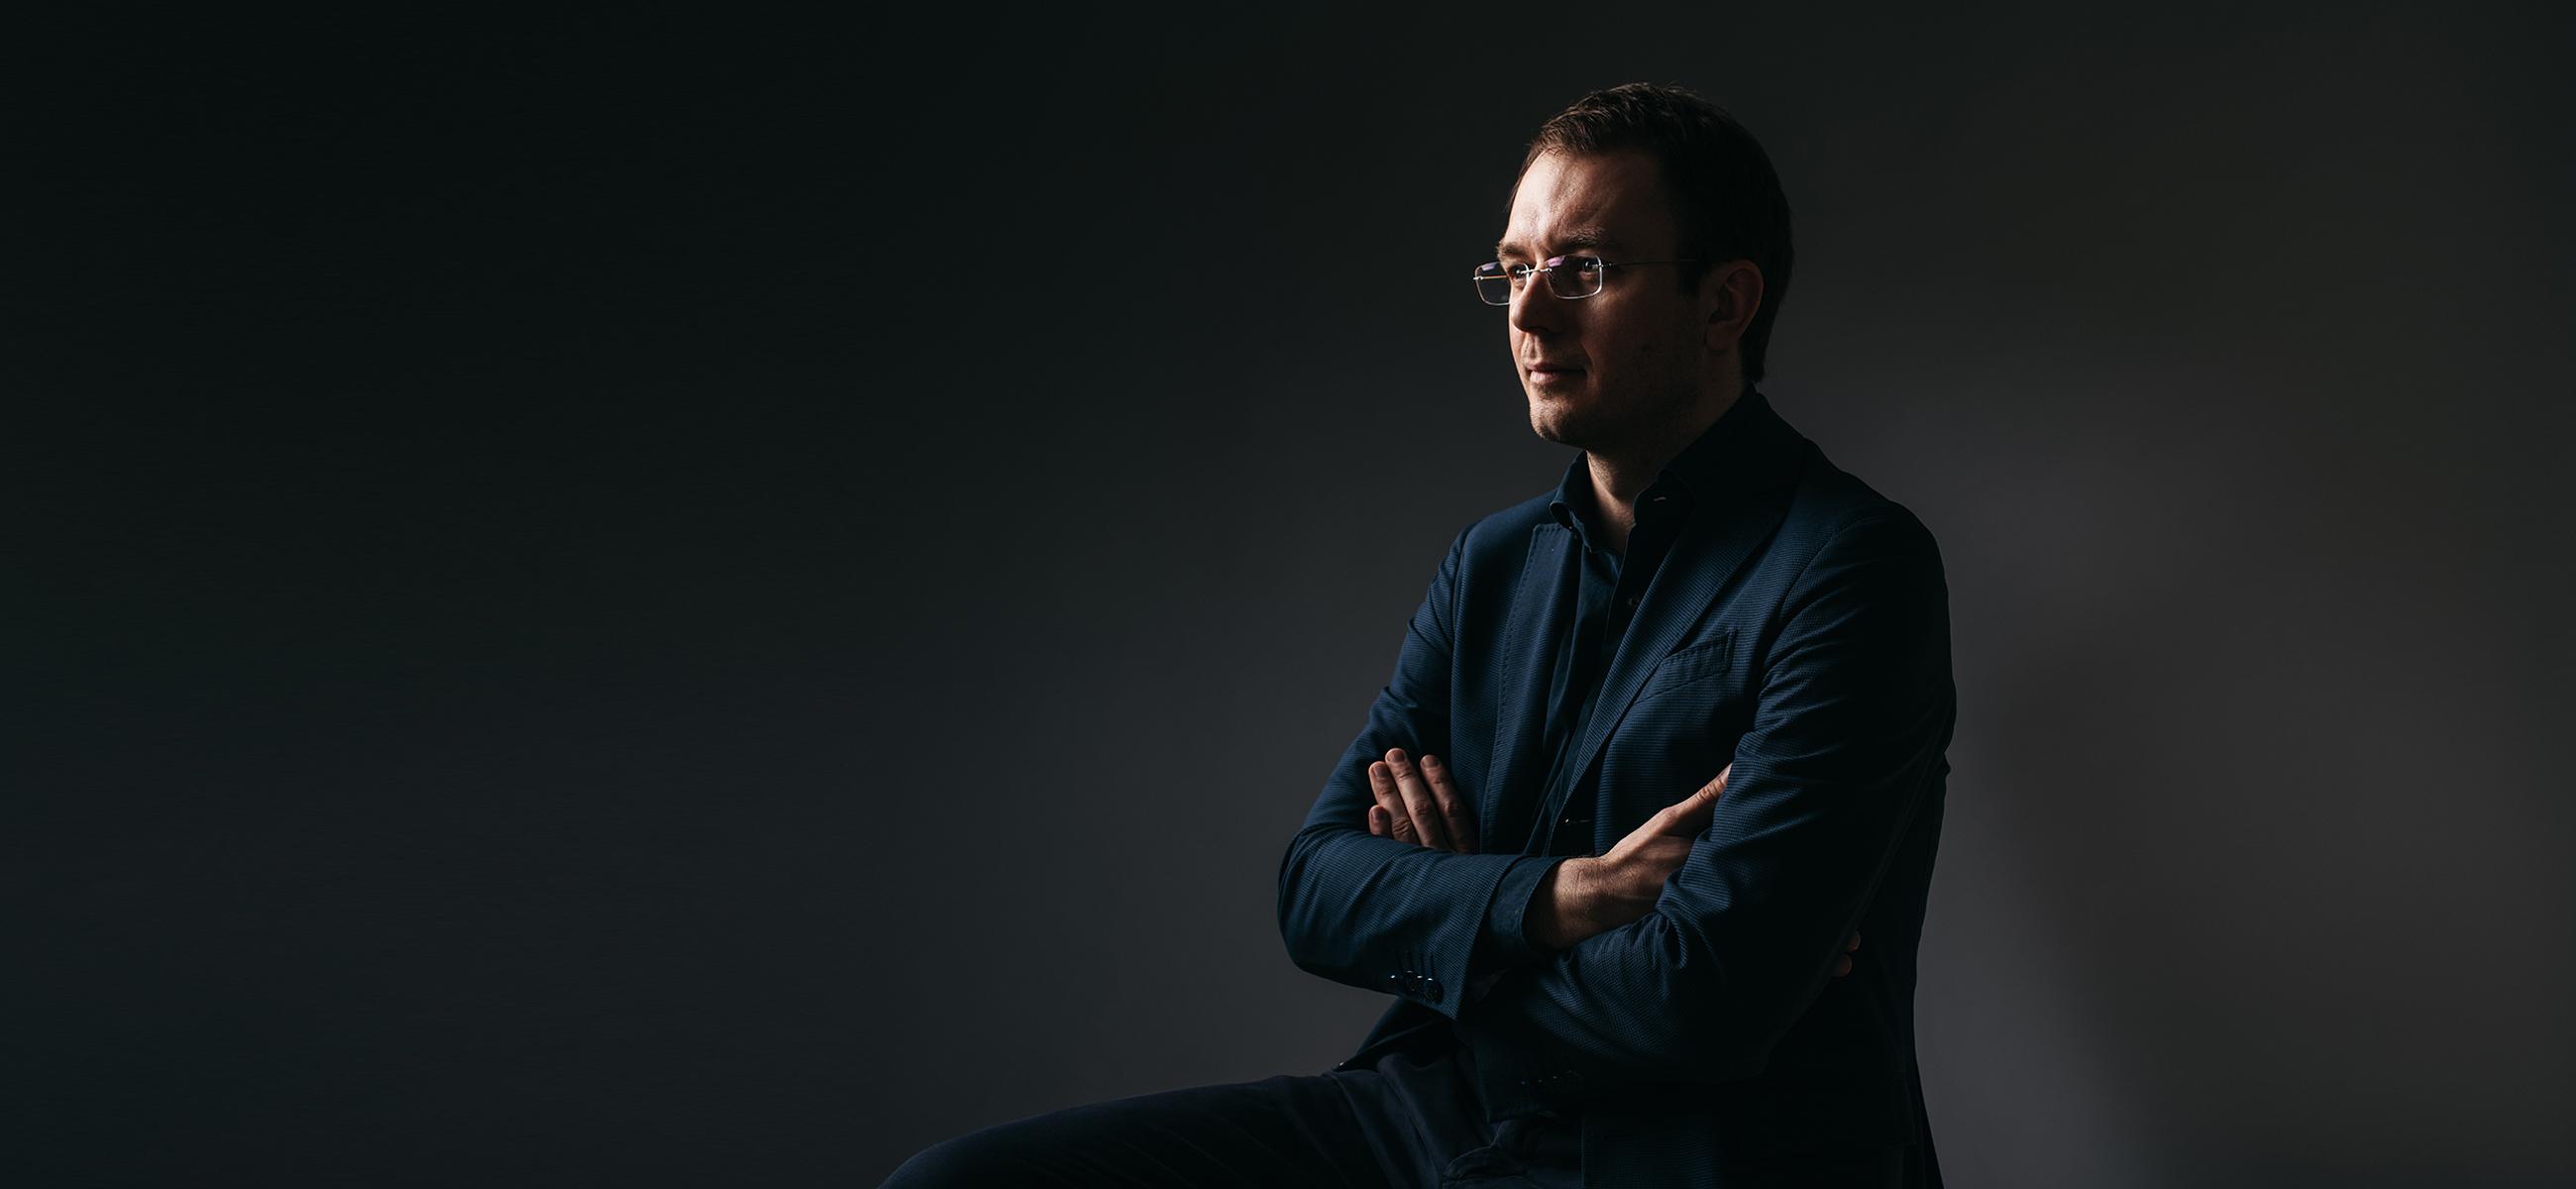 Денис Ковалевич, «Техноспарк»: «Нам нужны не гении бизнеса, а обычные люди, готовые заниматься предпринимательским трудом»